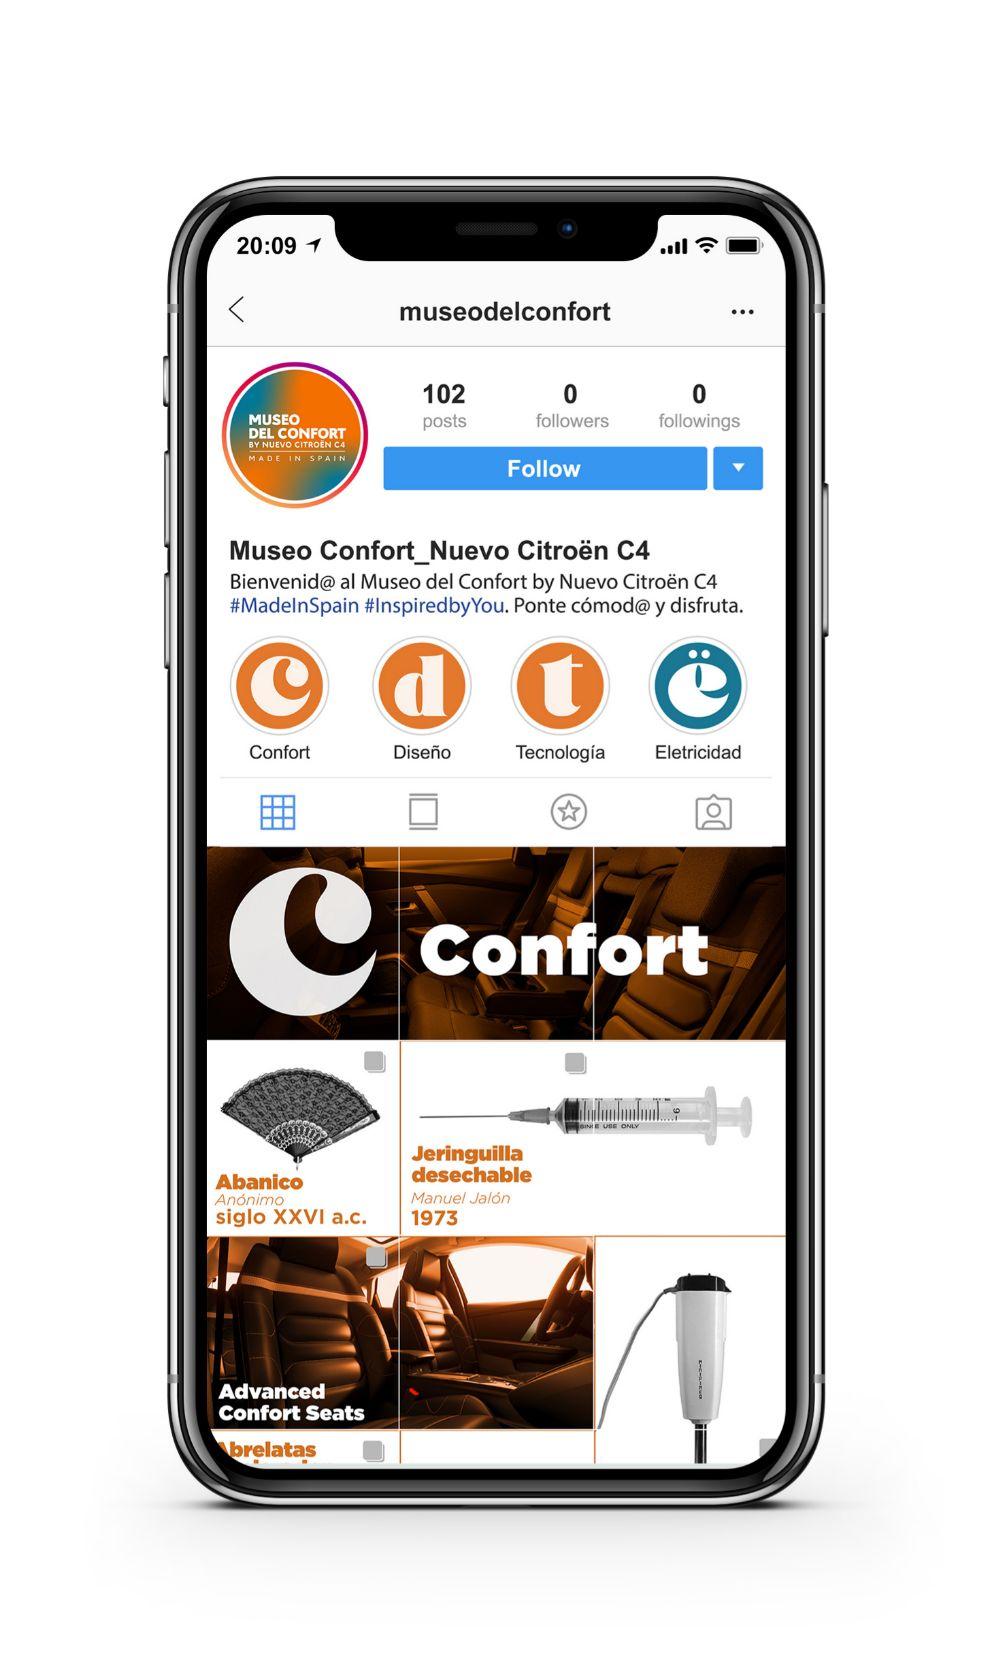 El museo del confort también podrá visitarse de forma interactiva.